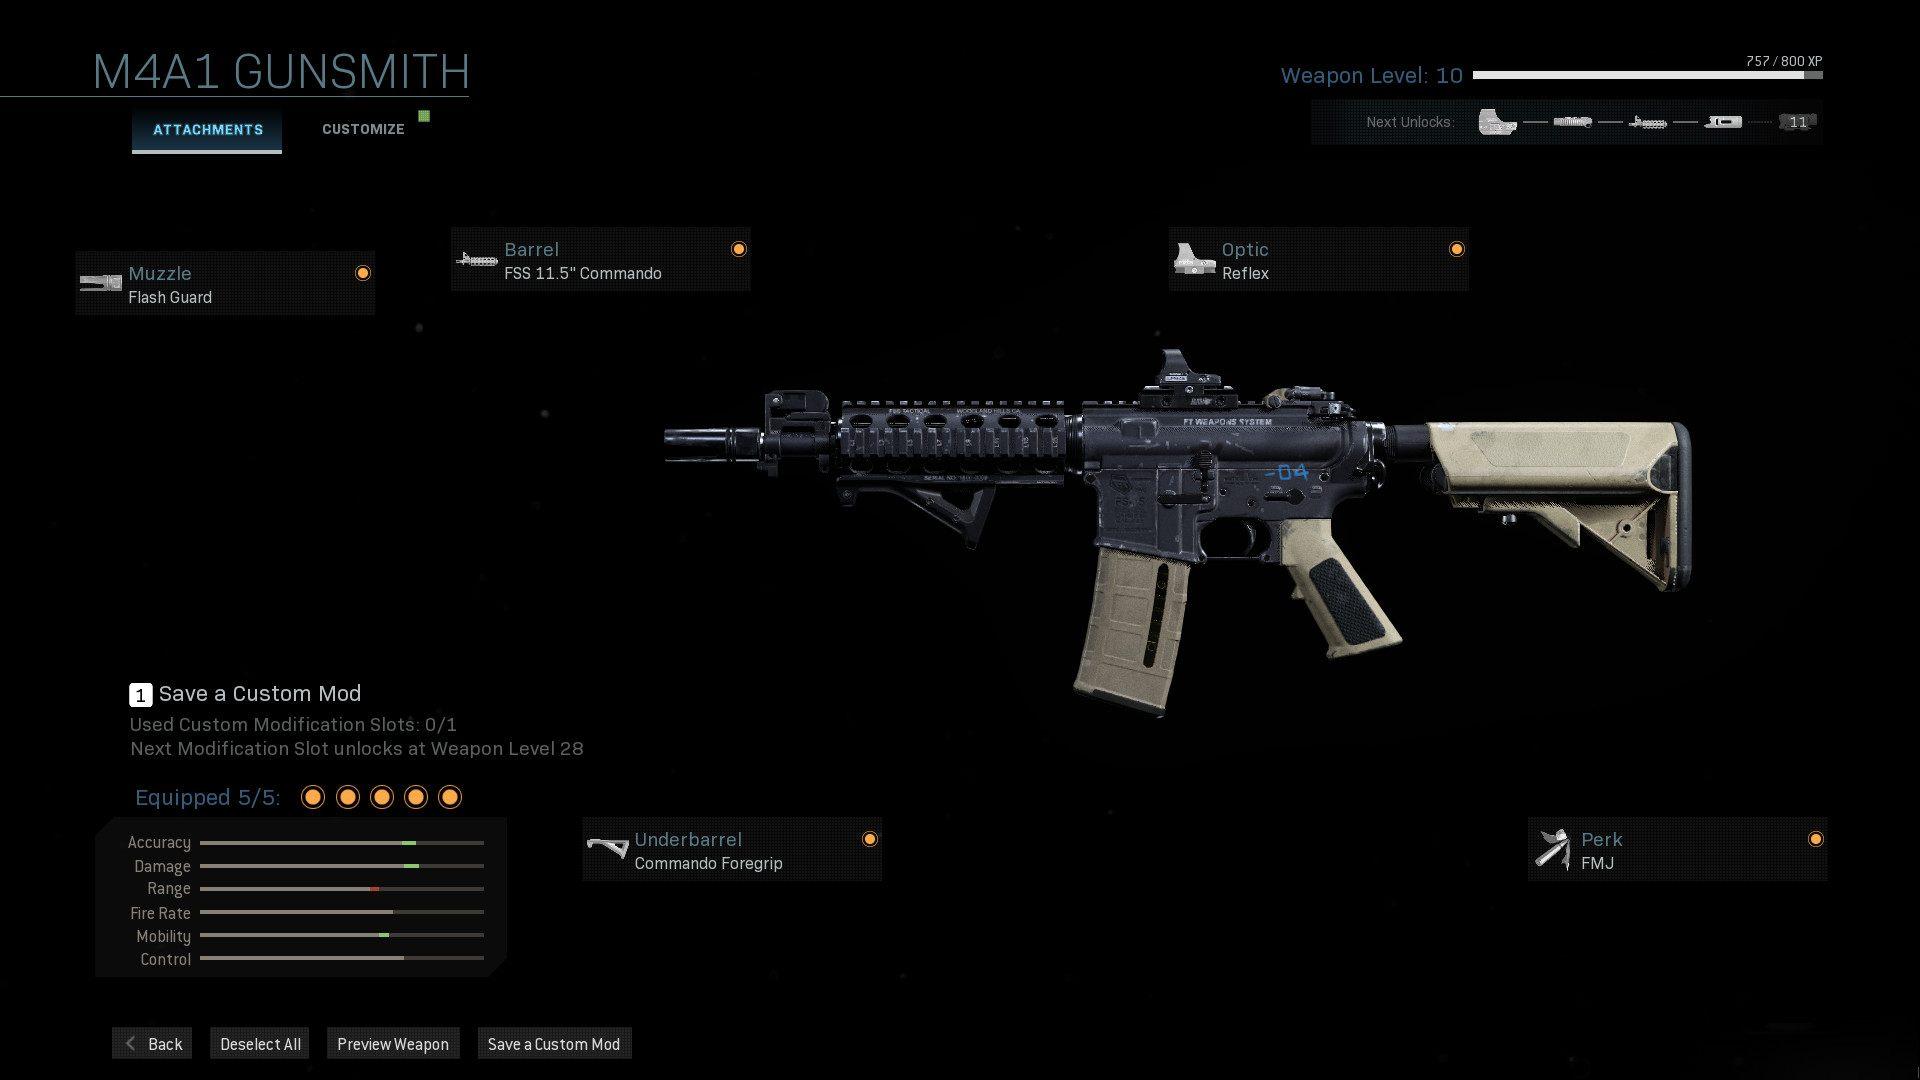 Чтобы разблокировать все предметы, доступные в Call of Duty Warzone, вам понадобится много очков опыта - Warzone: Как быстро заработать опыт и повысить уровень? - Основы - Руководство по Warzone